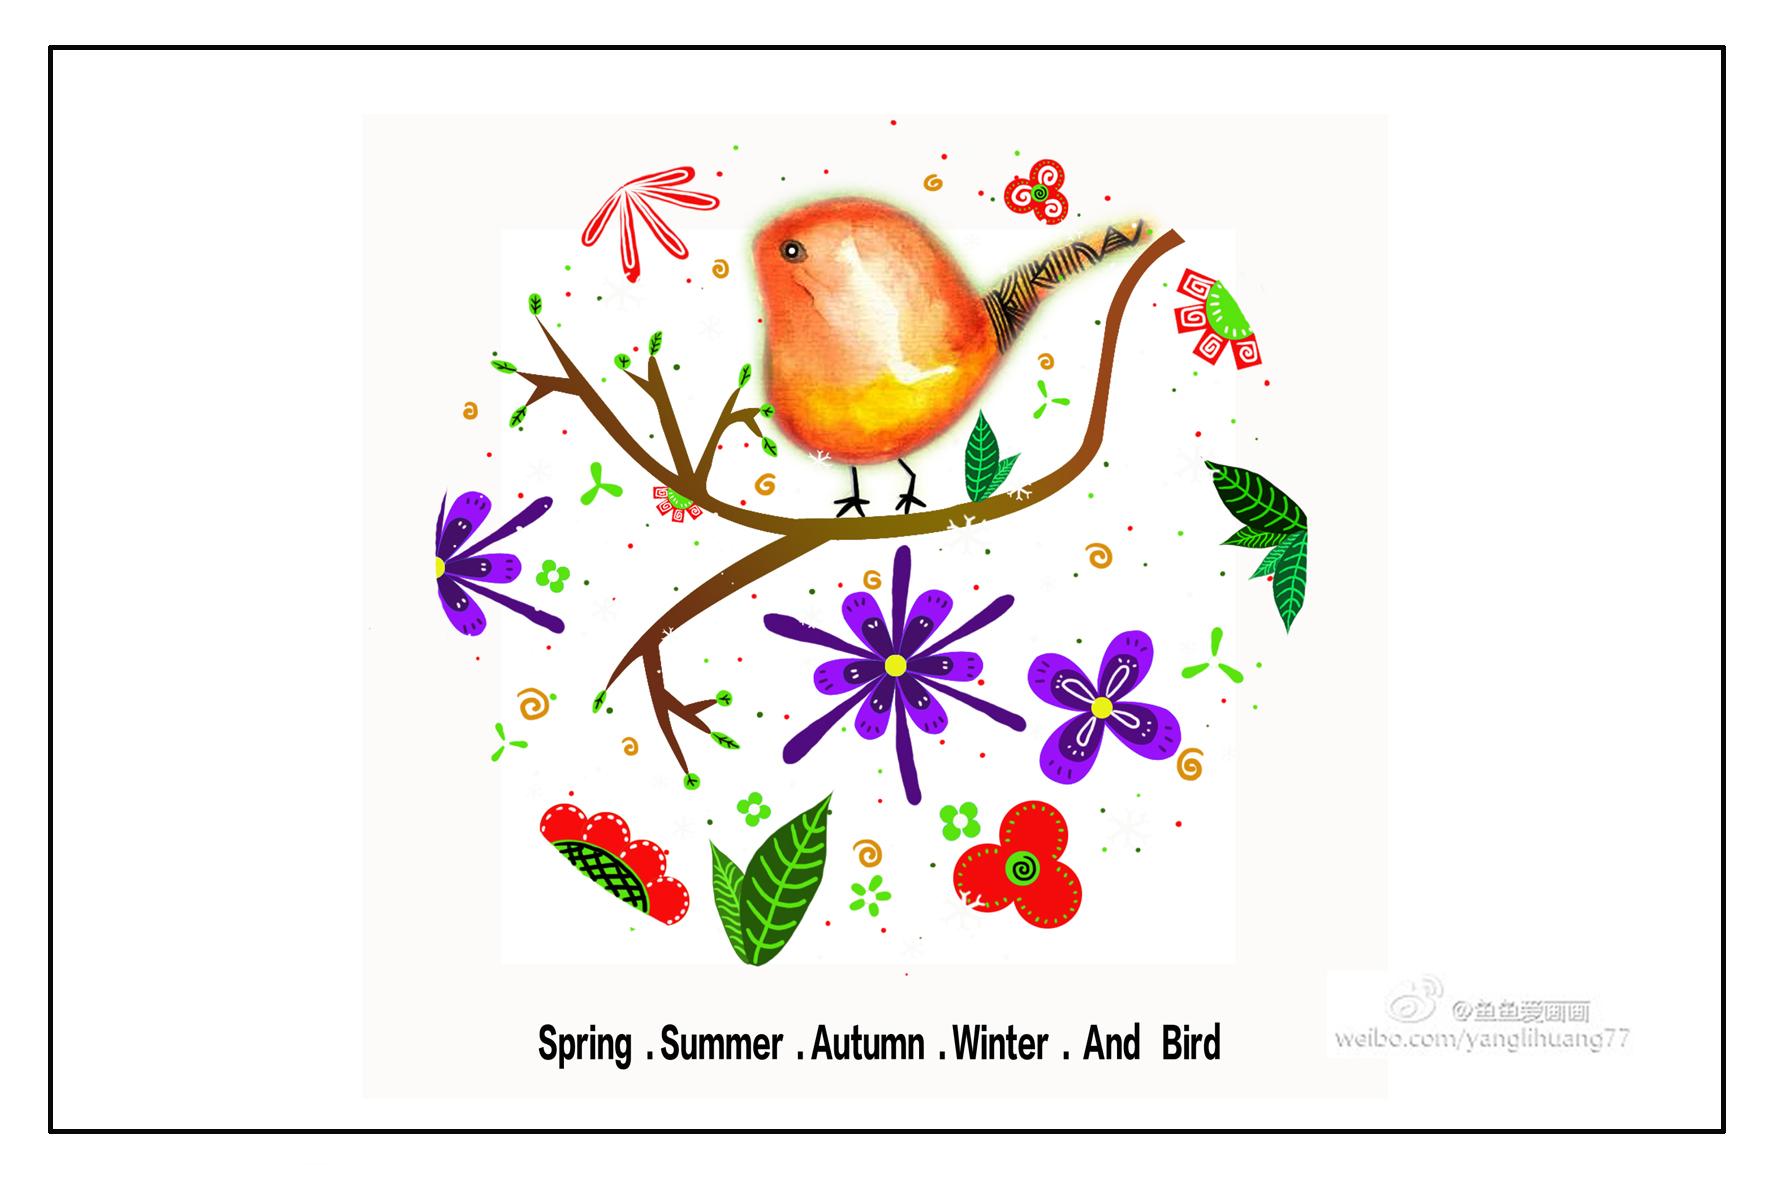 《春夏秋冬》白款明信片